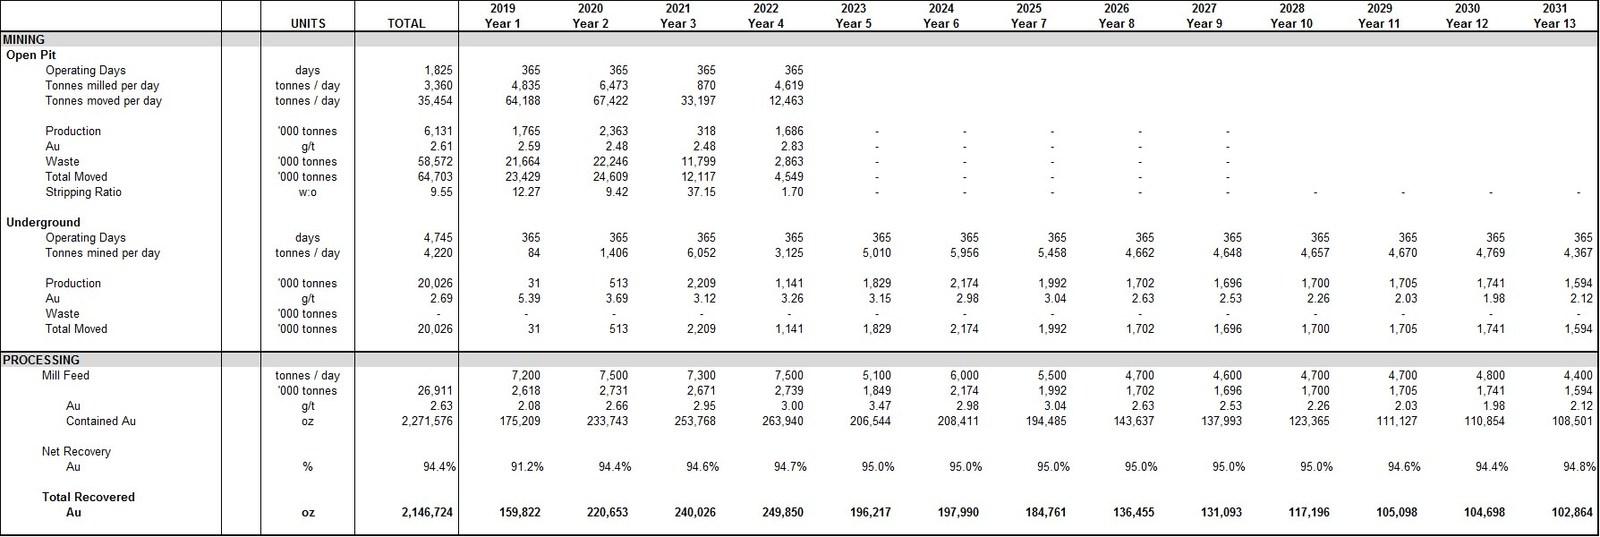 Appendix: Production Profile and Cash Flow Statement